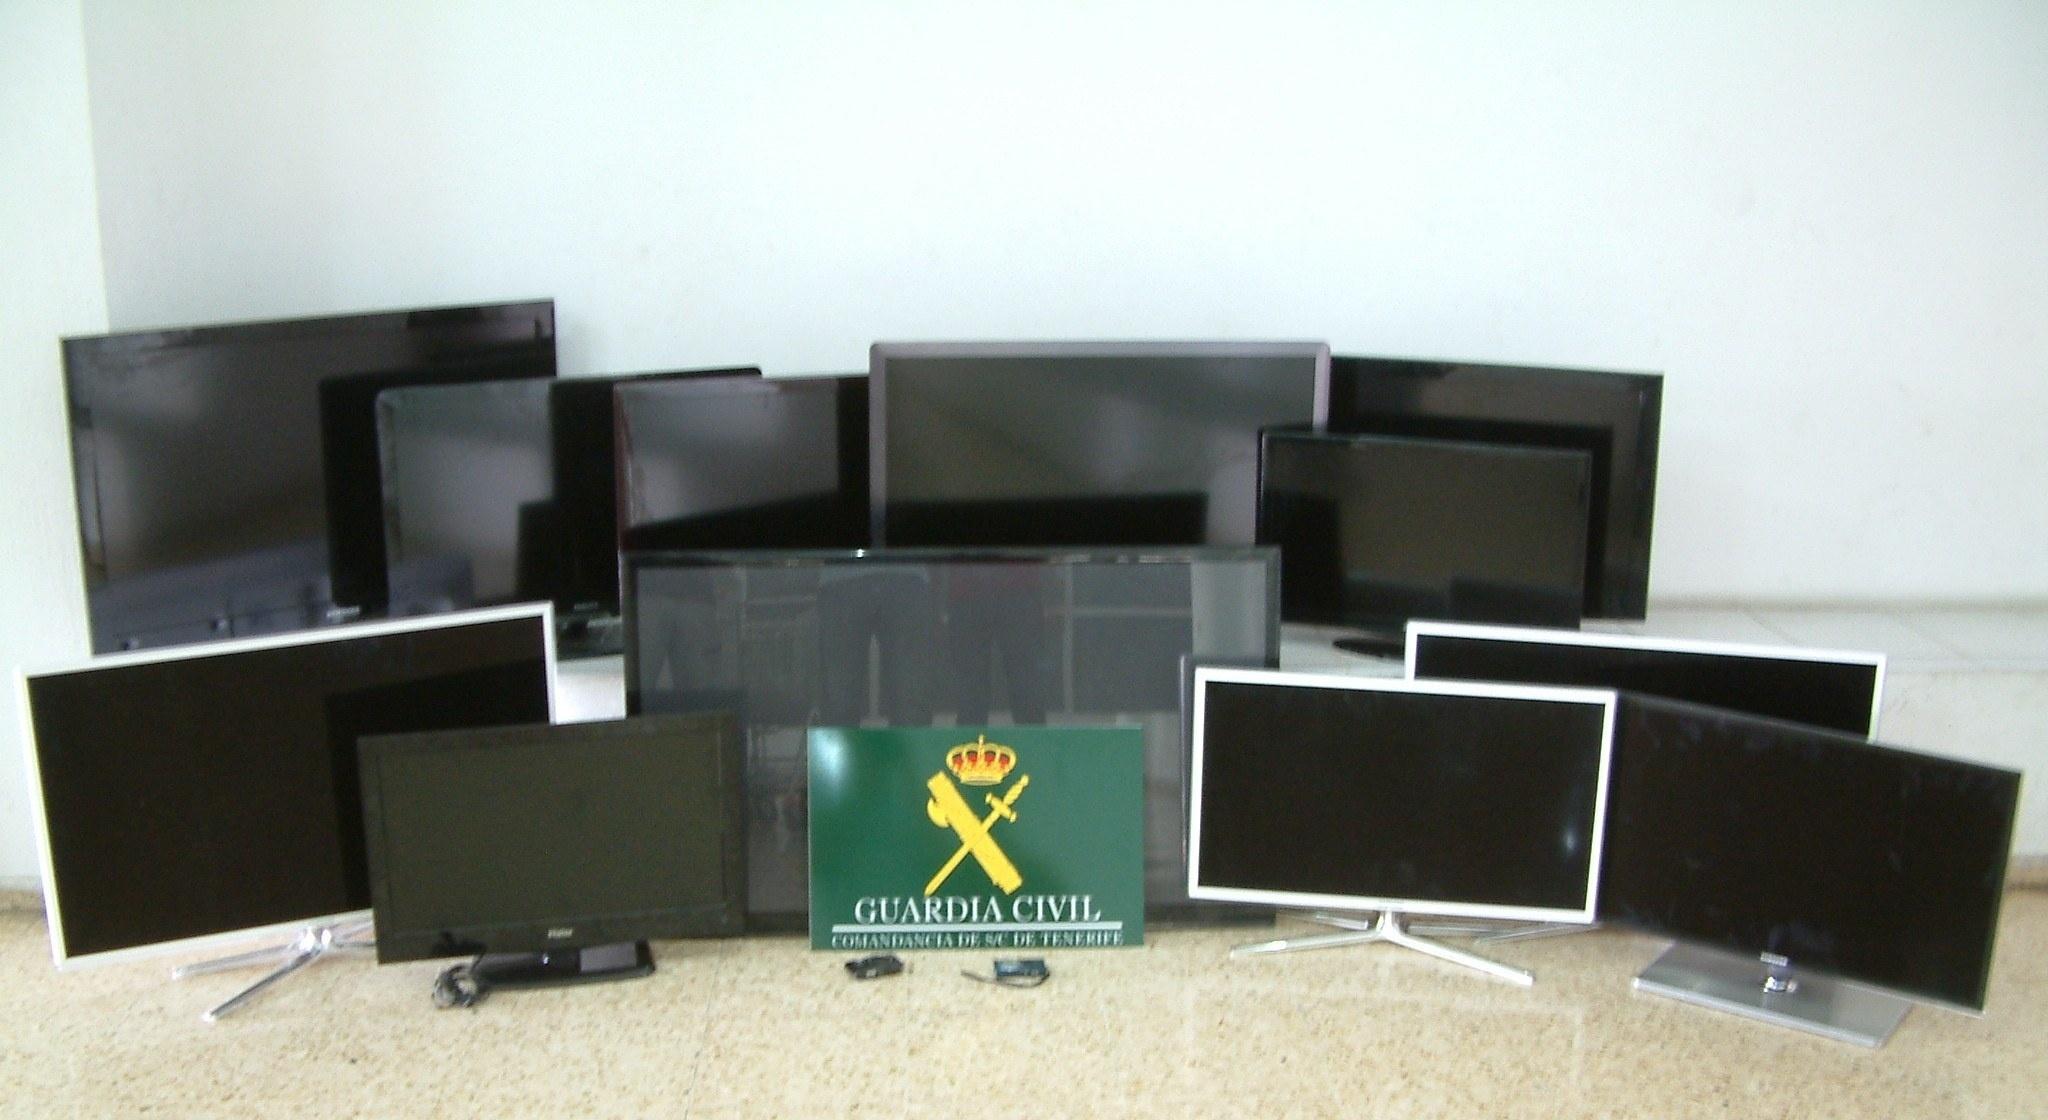 Detienen a tres personas en Tenerife por el robo de aparatos electrónicos valorados en más de 15.000 euros